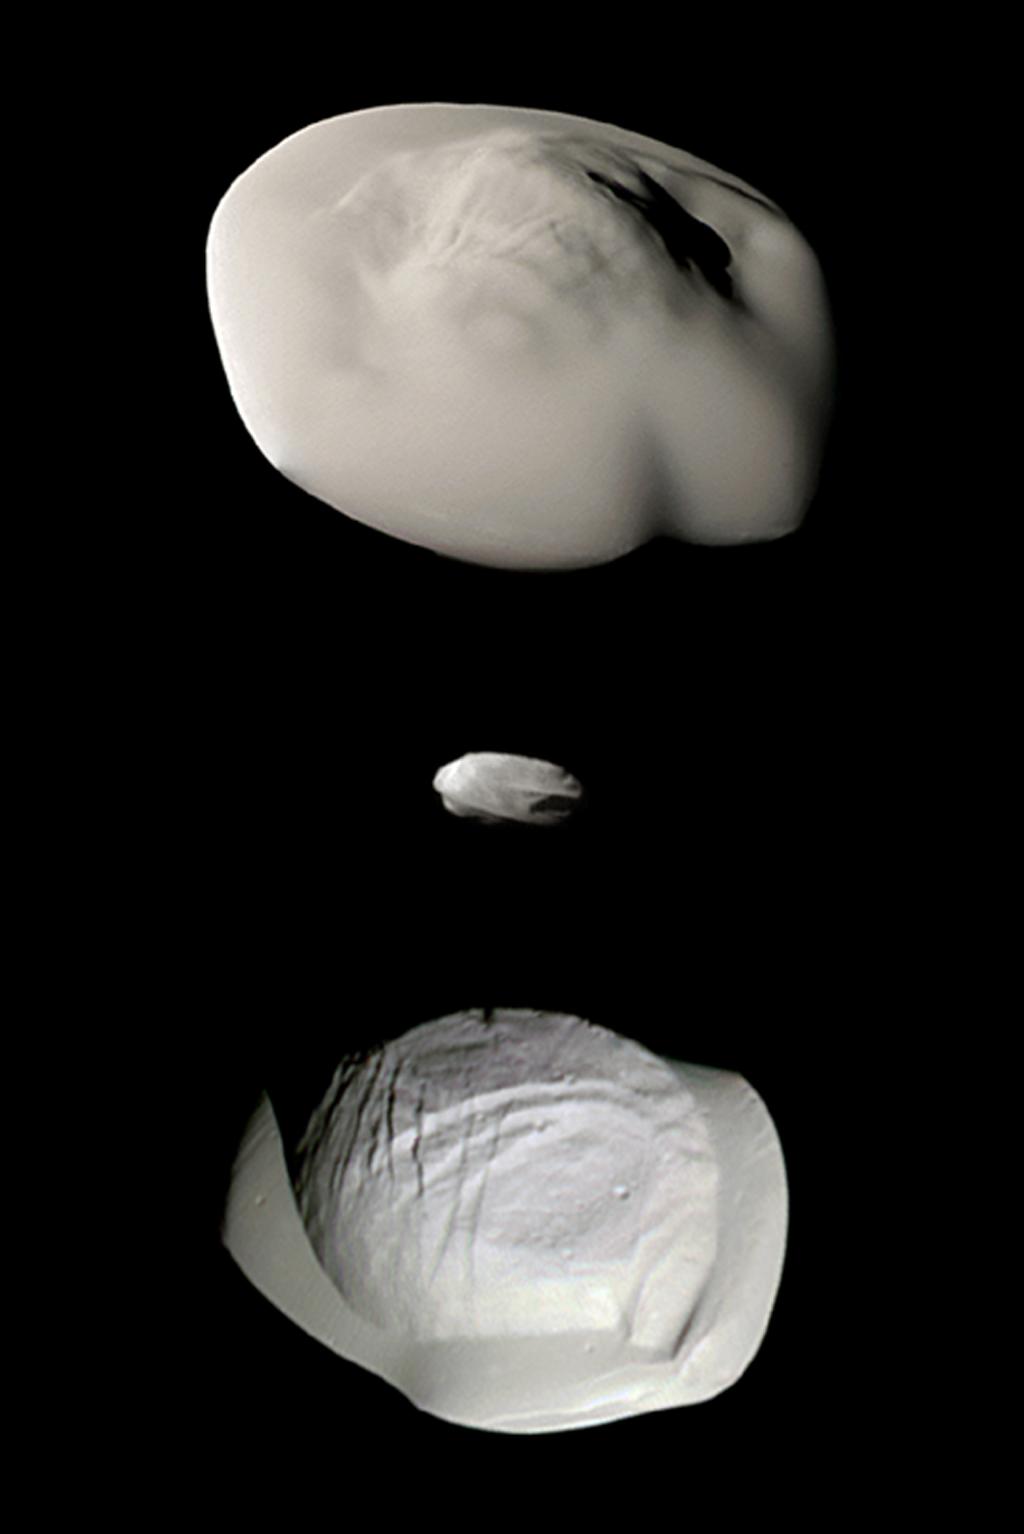 2017.06.29:カッシーニにより明らかになった土星の衛星の異様な姿